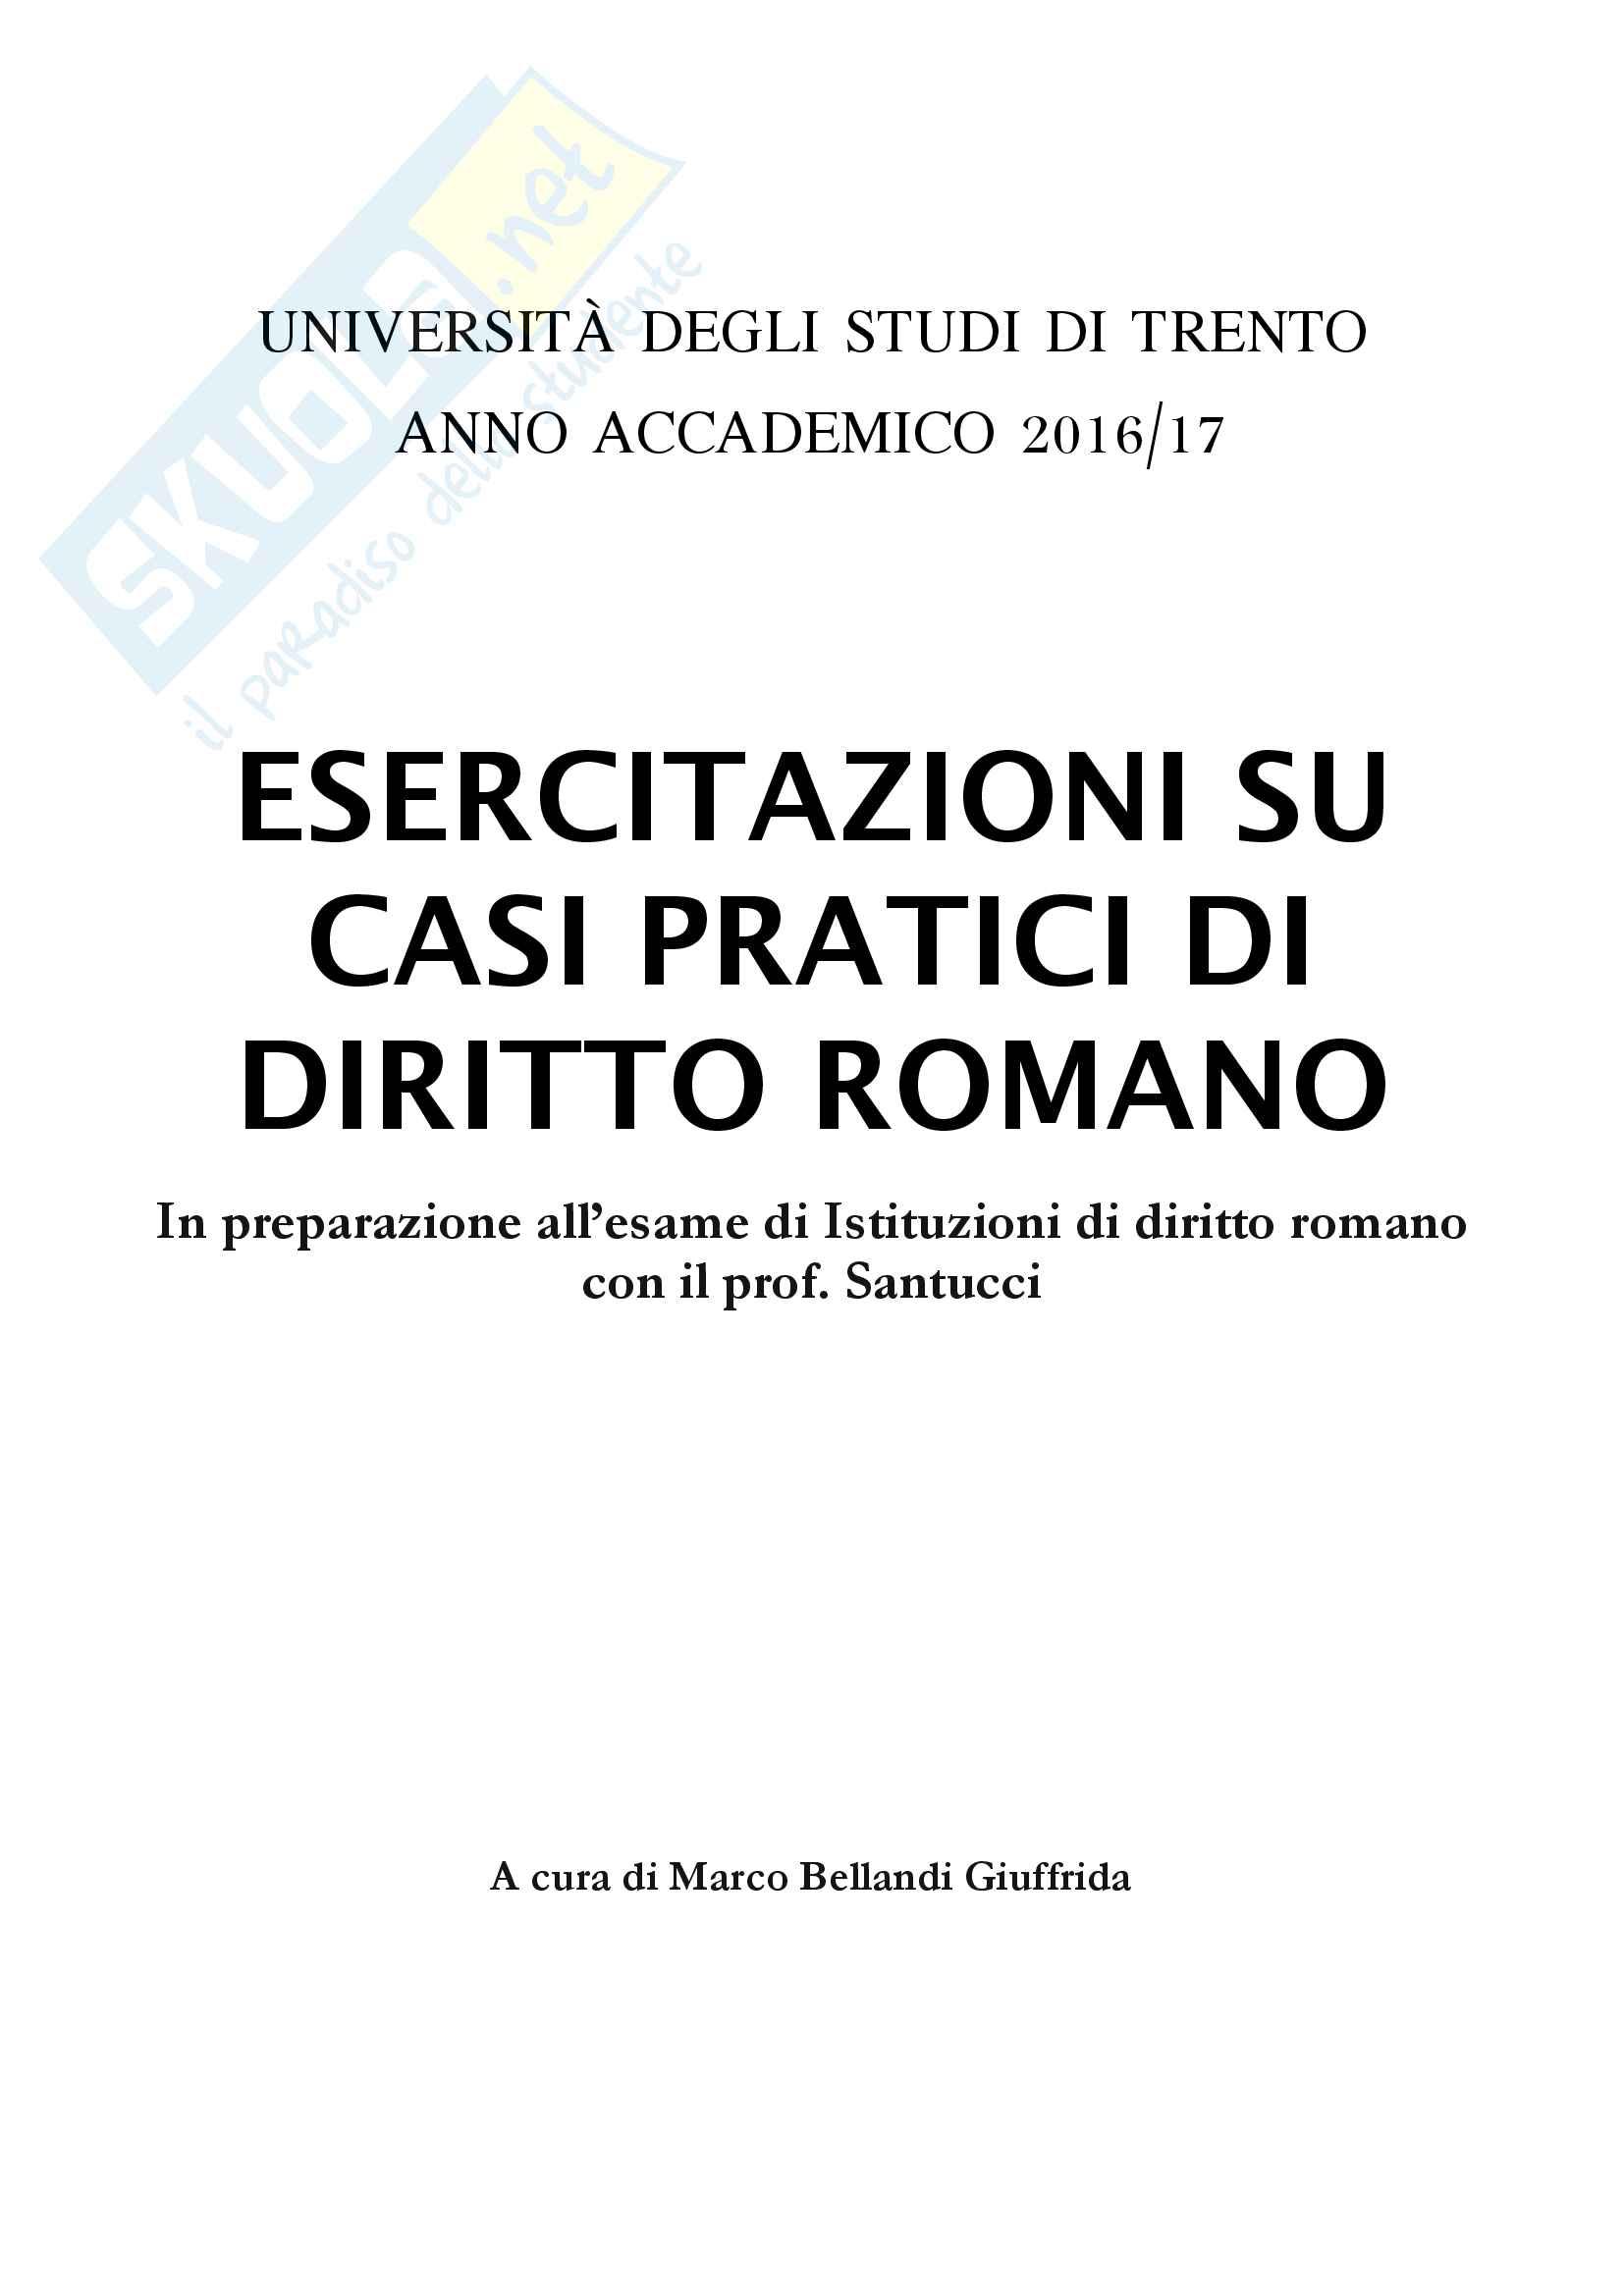 Esercitazioni su casi pratici di diritto romano